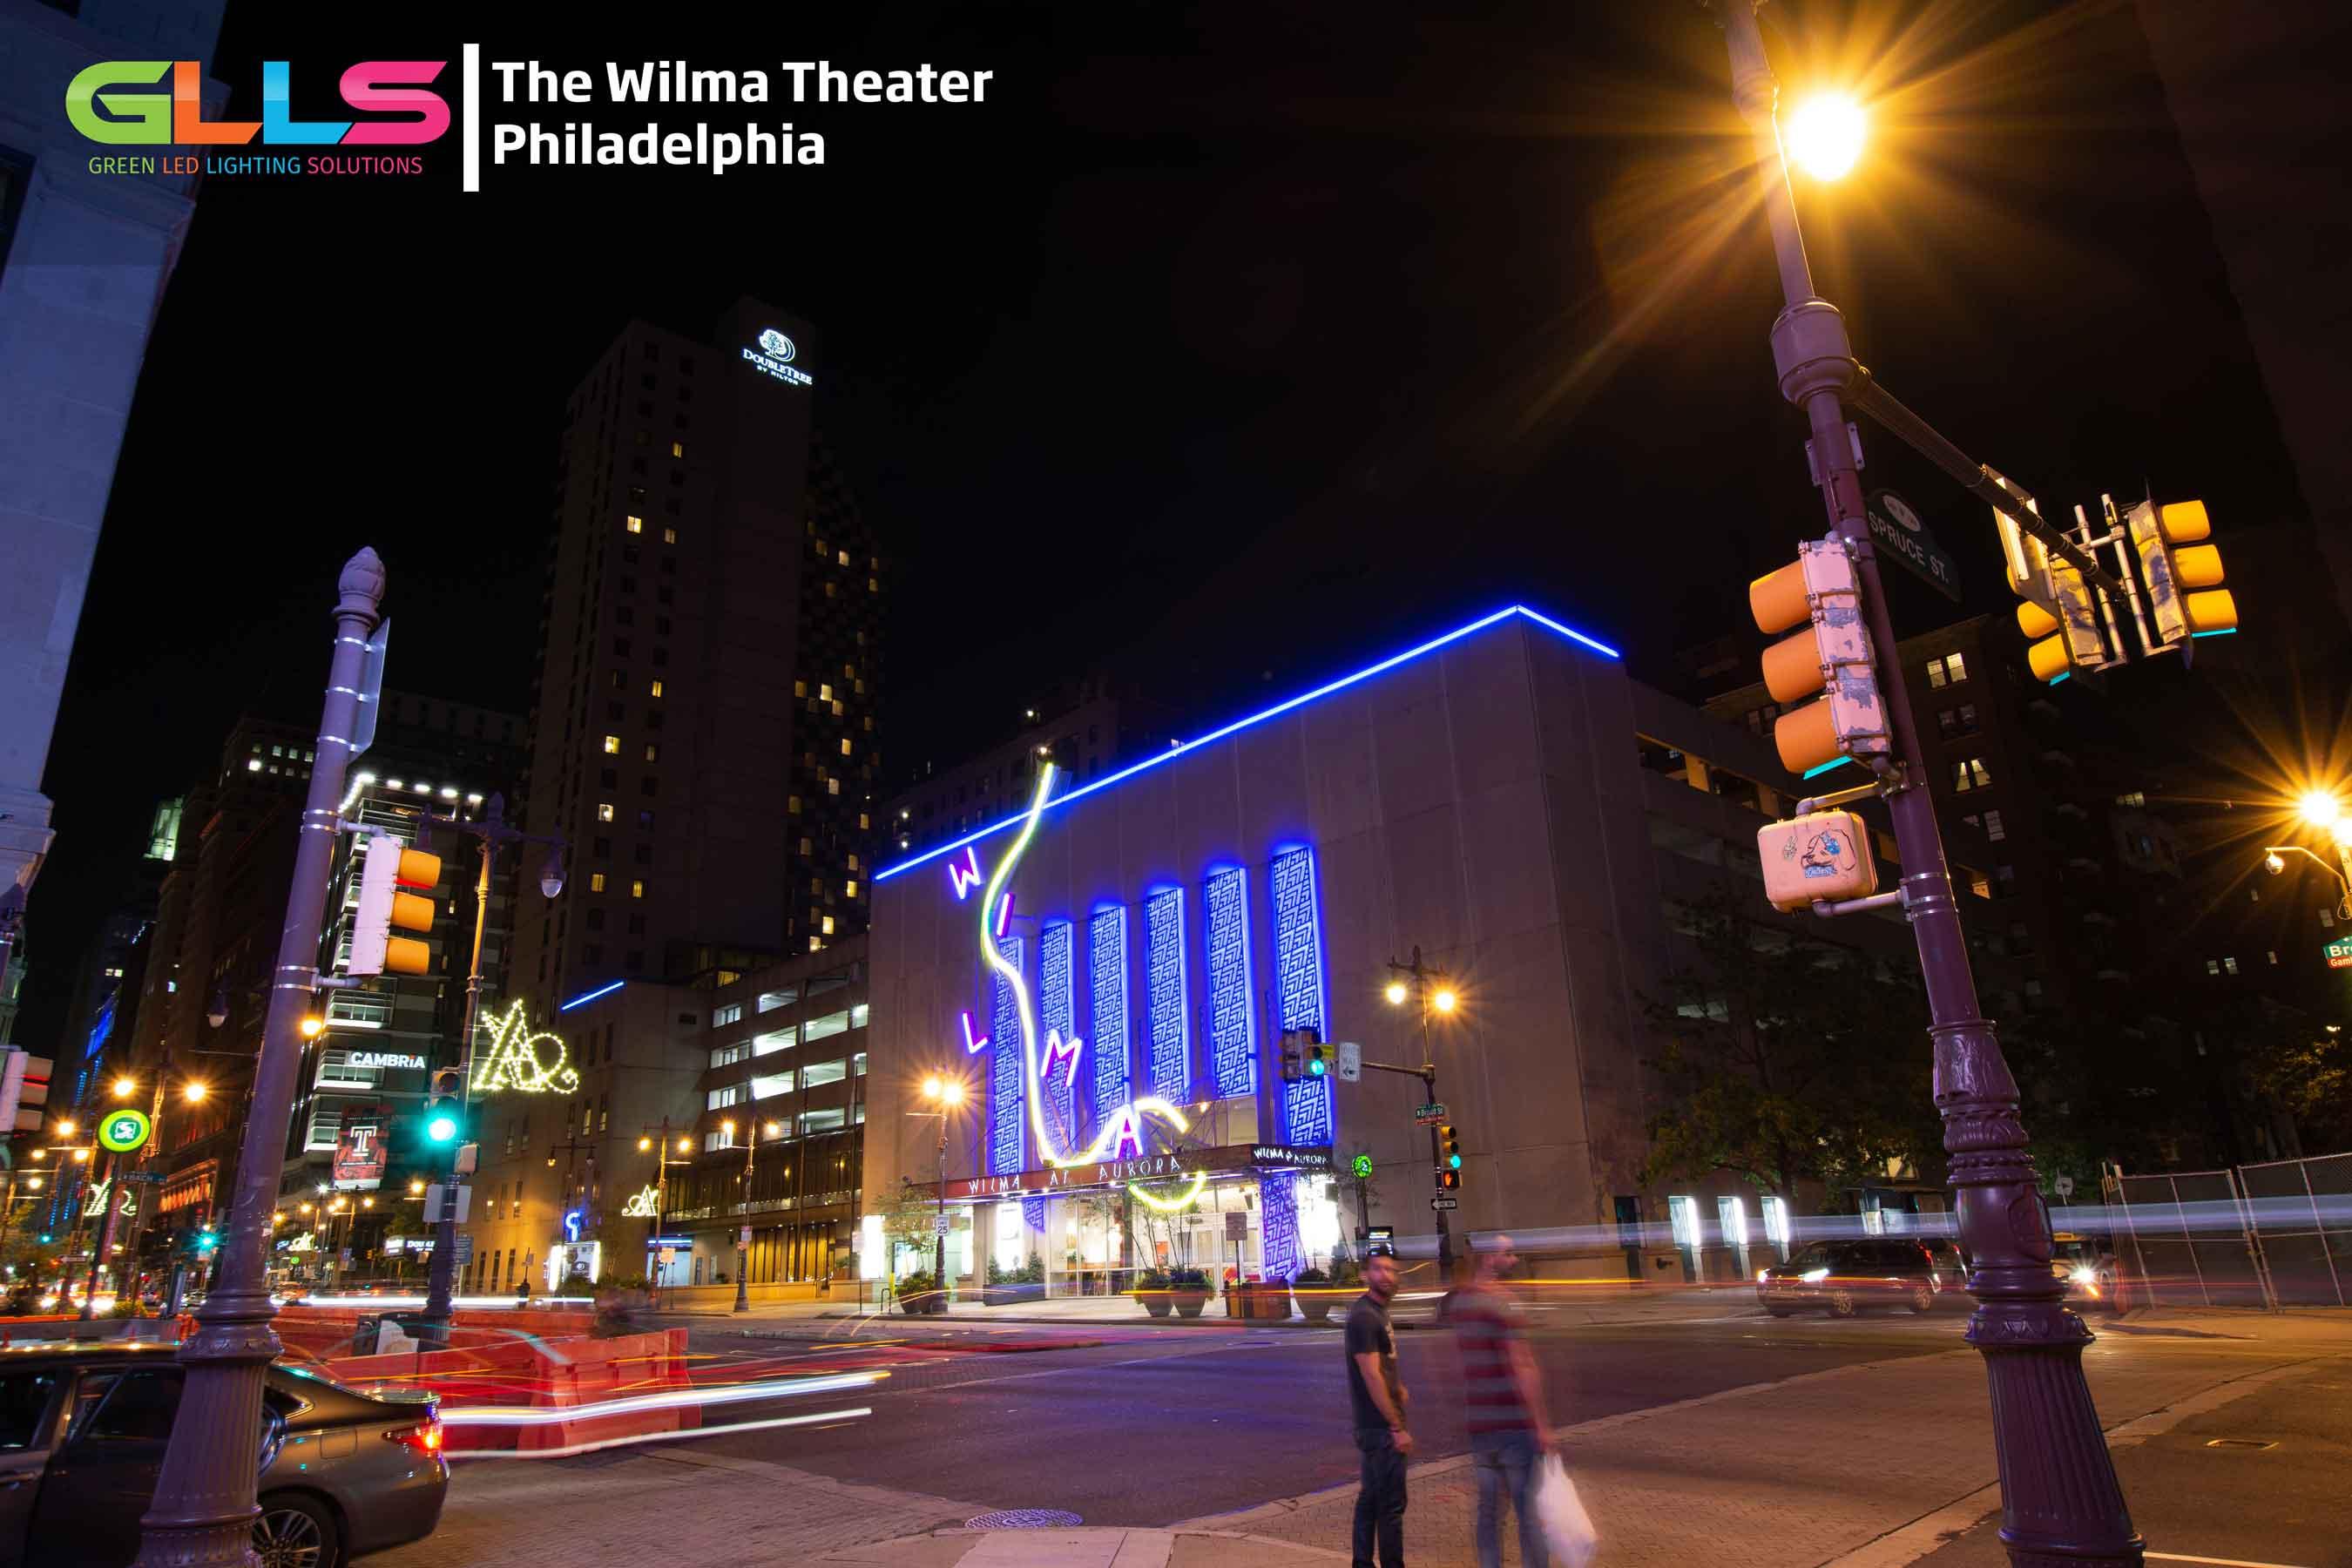 The-Wilma-Theater-Philadelphia-Wide2